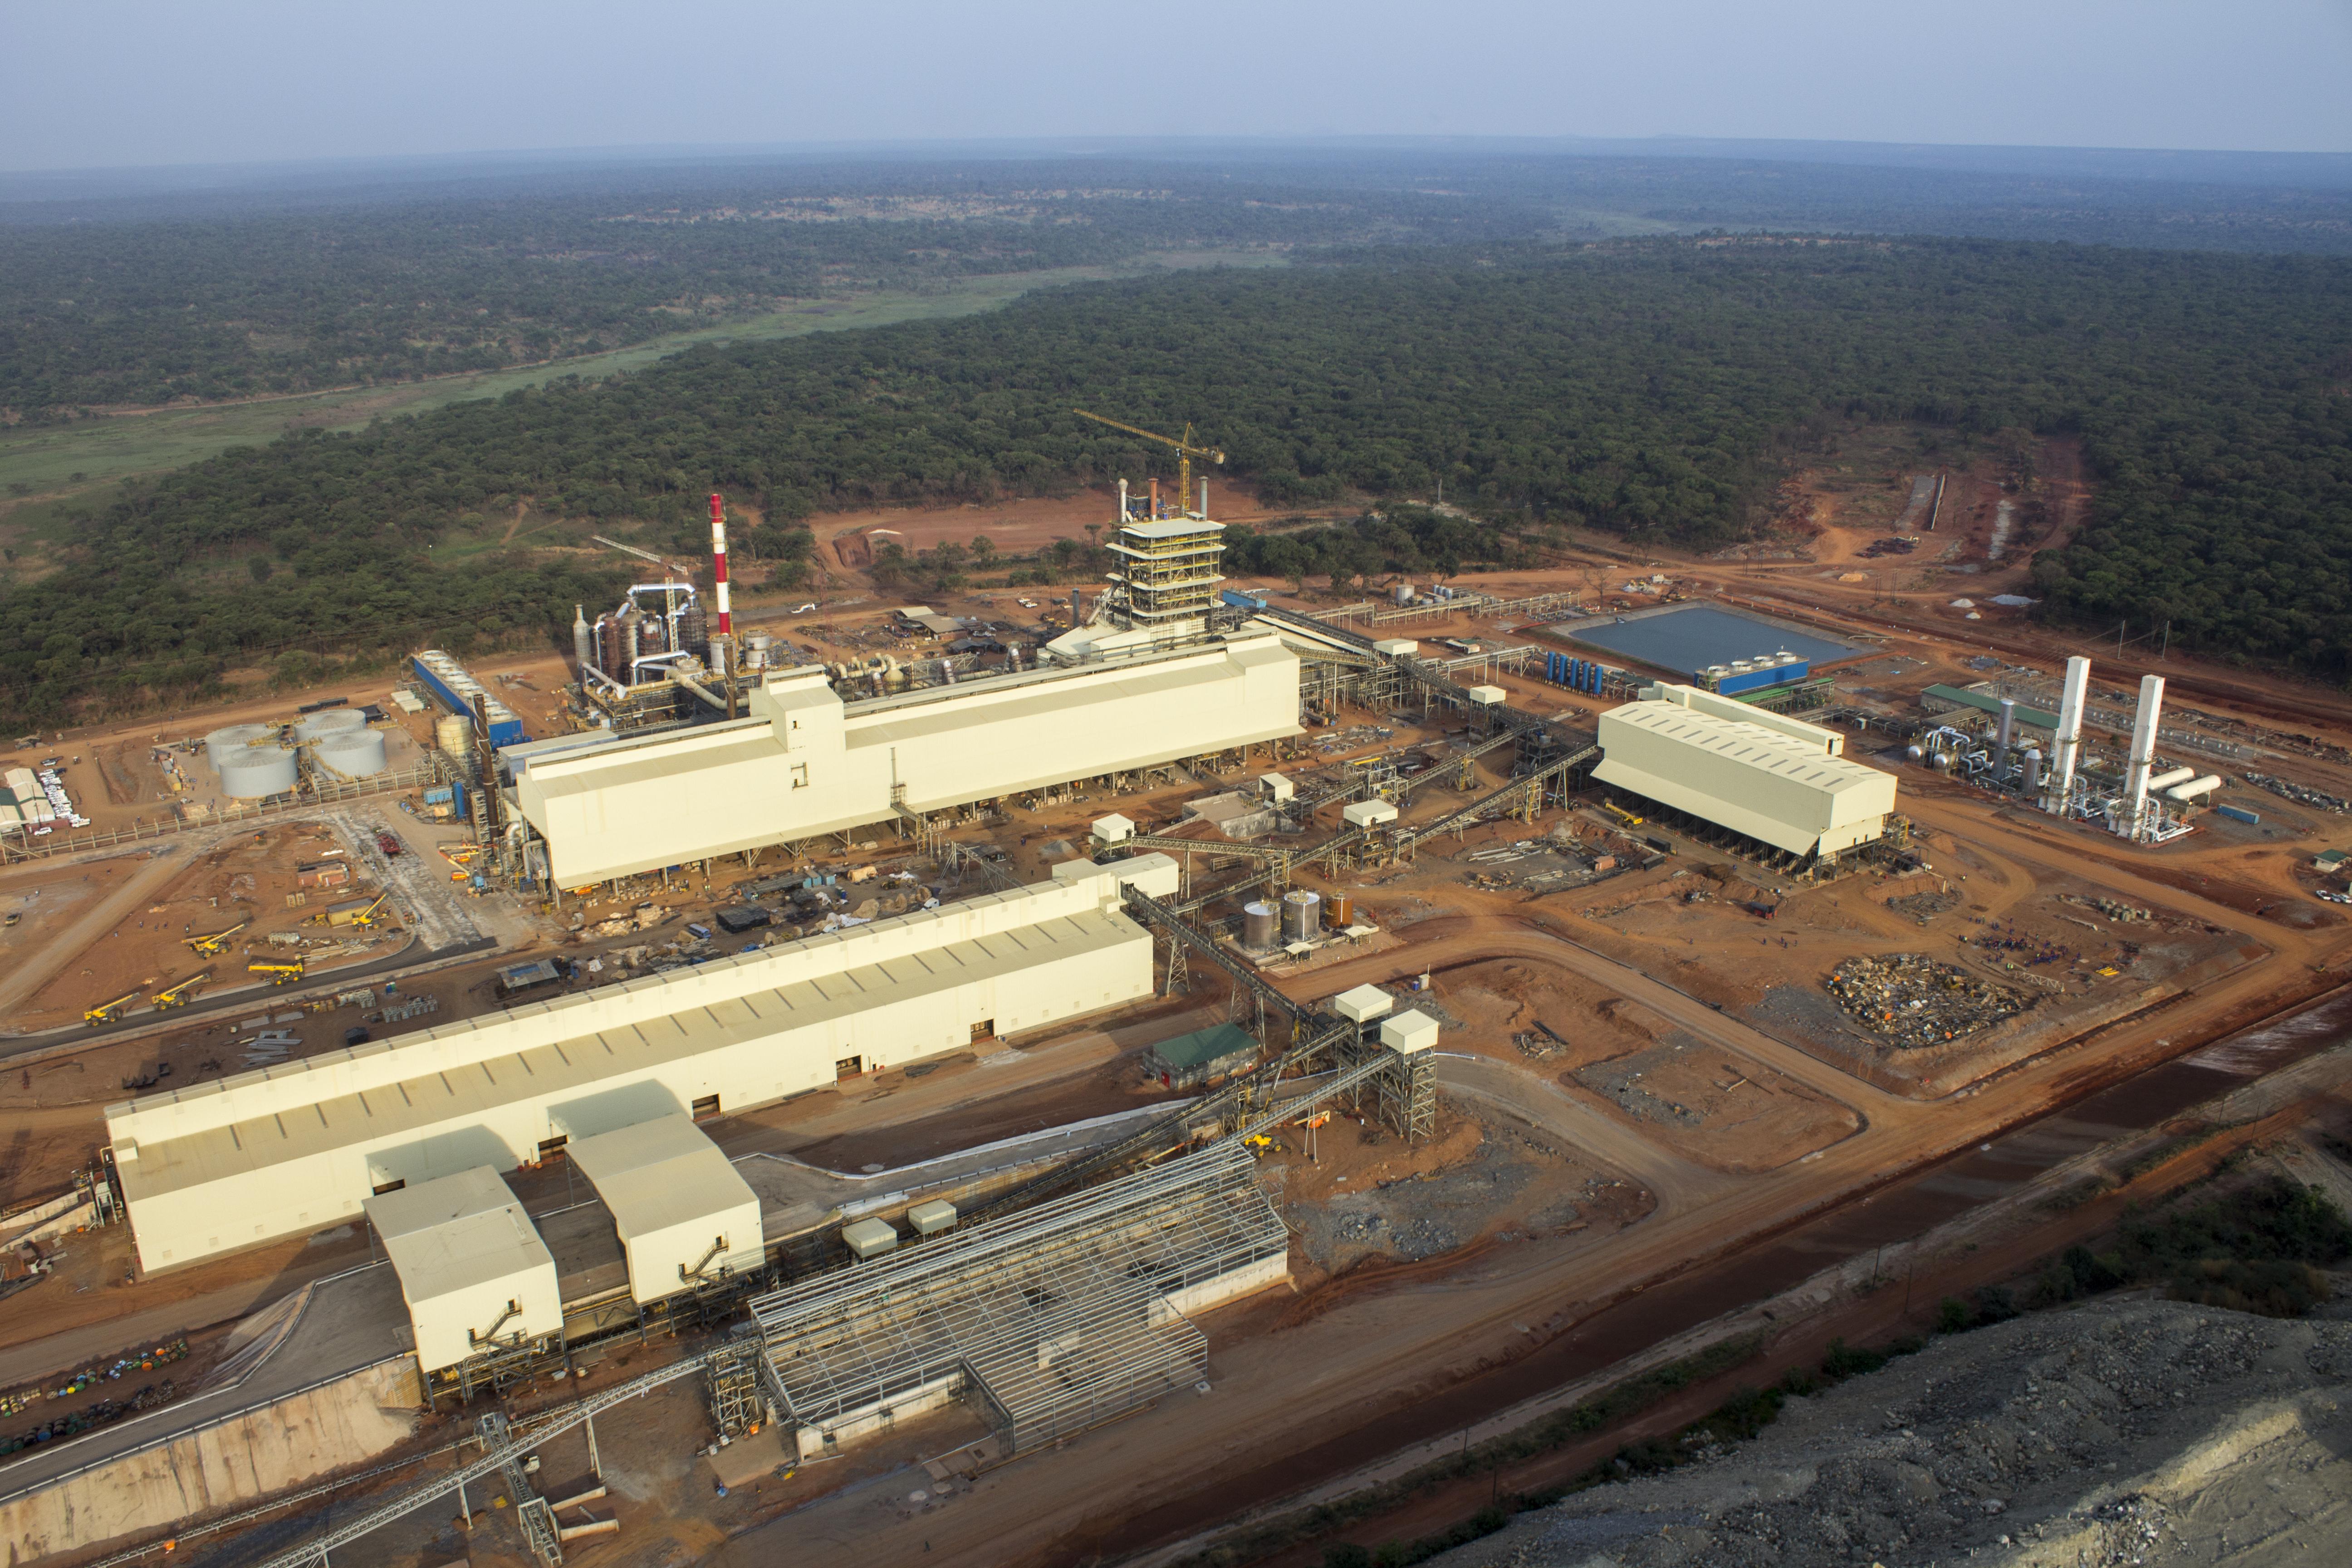 8. Projects_2_Kansanshi Copper Smelter_2